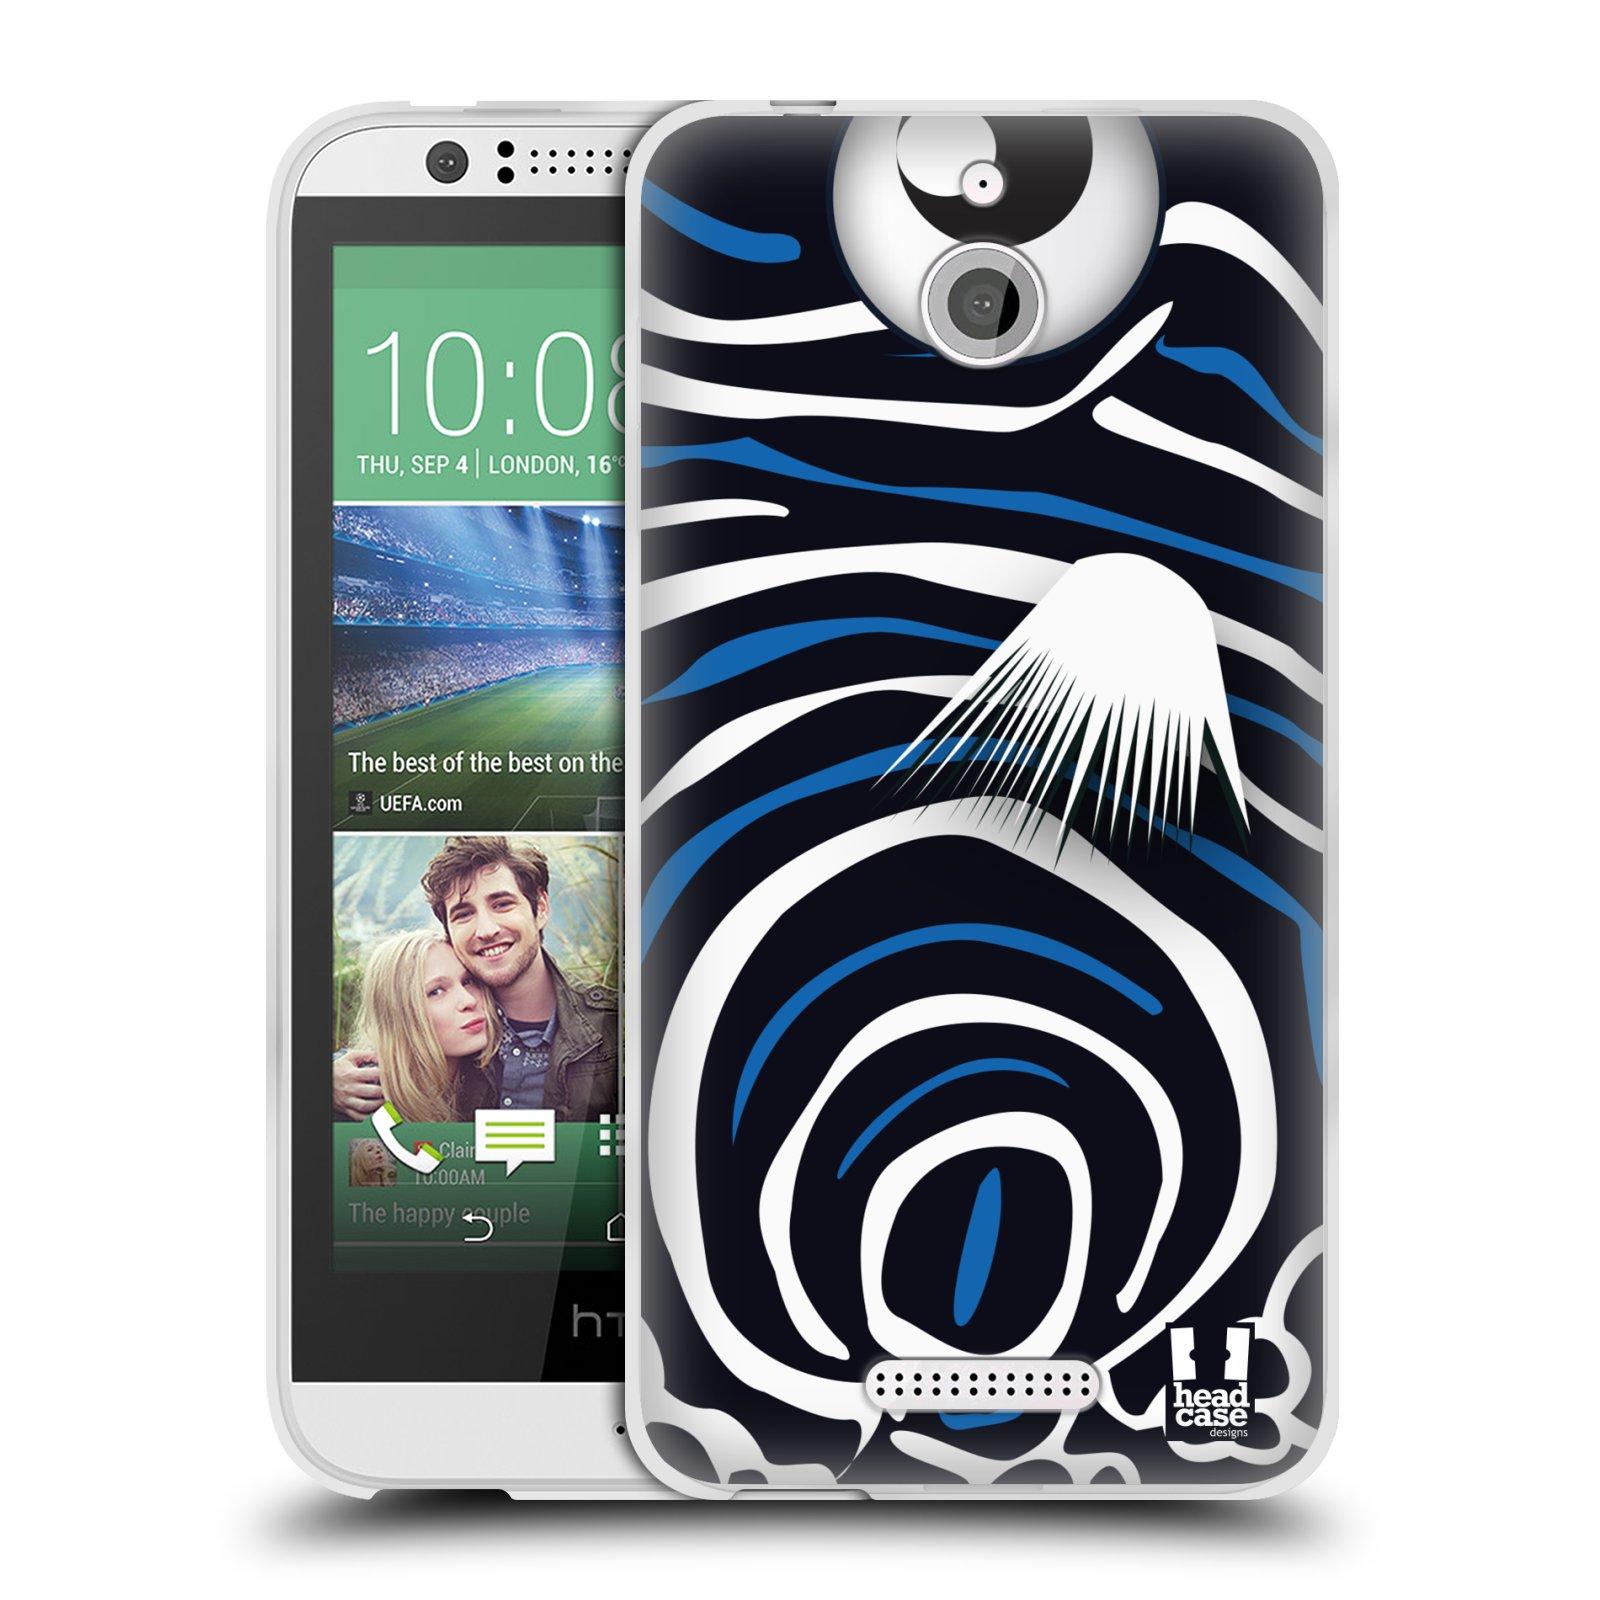 HEAD CASE silikonový obal HTC DESIRE 510 vzor Rybičky z profilu Angelfish